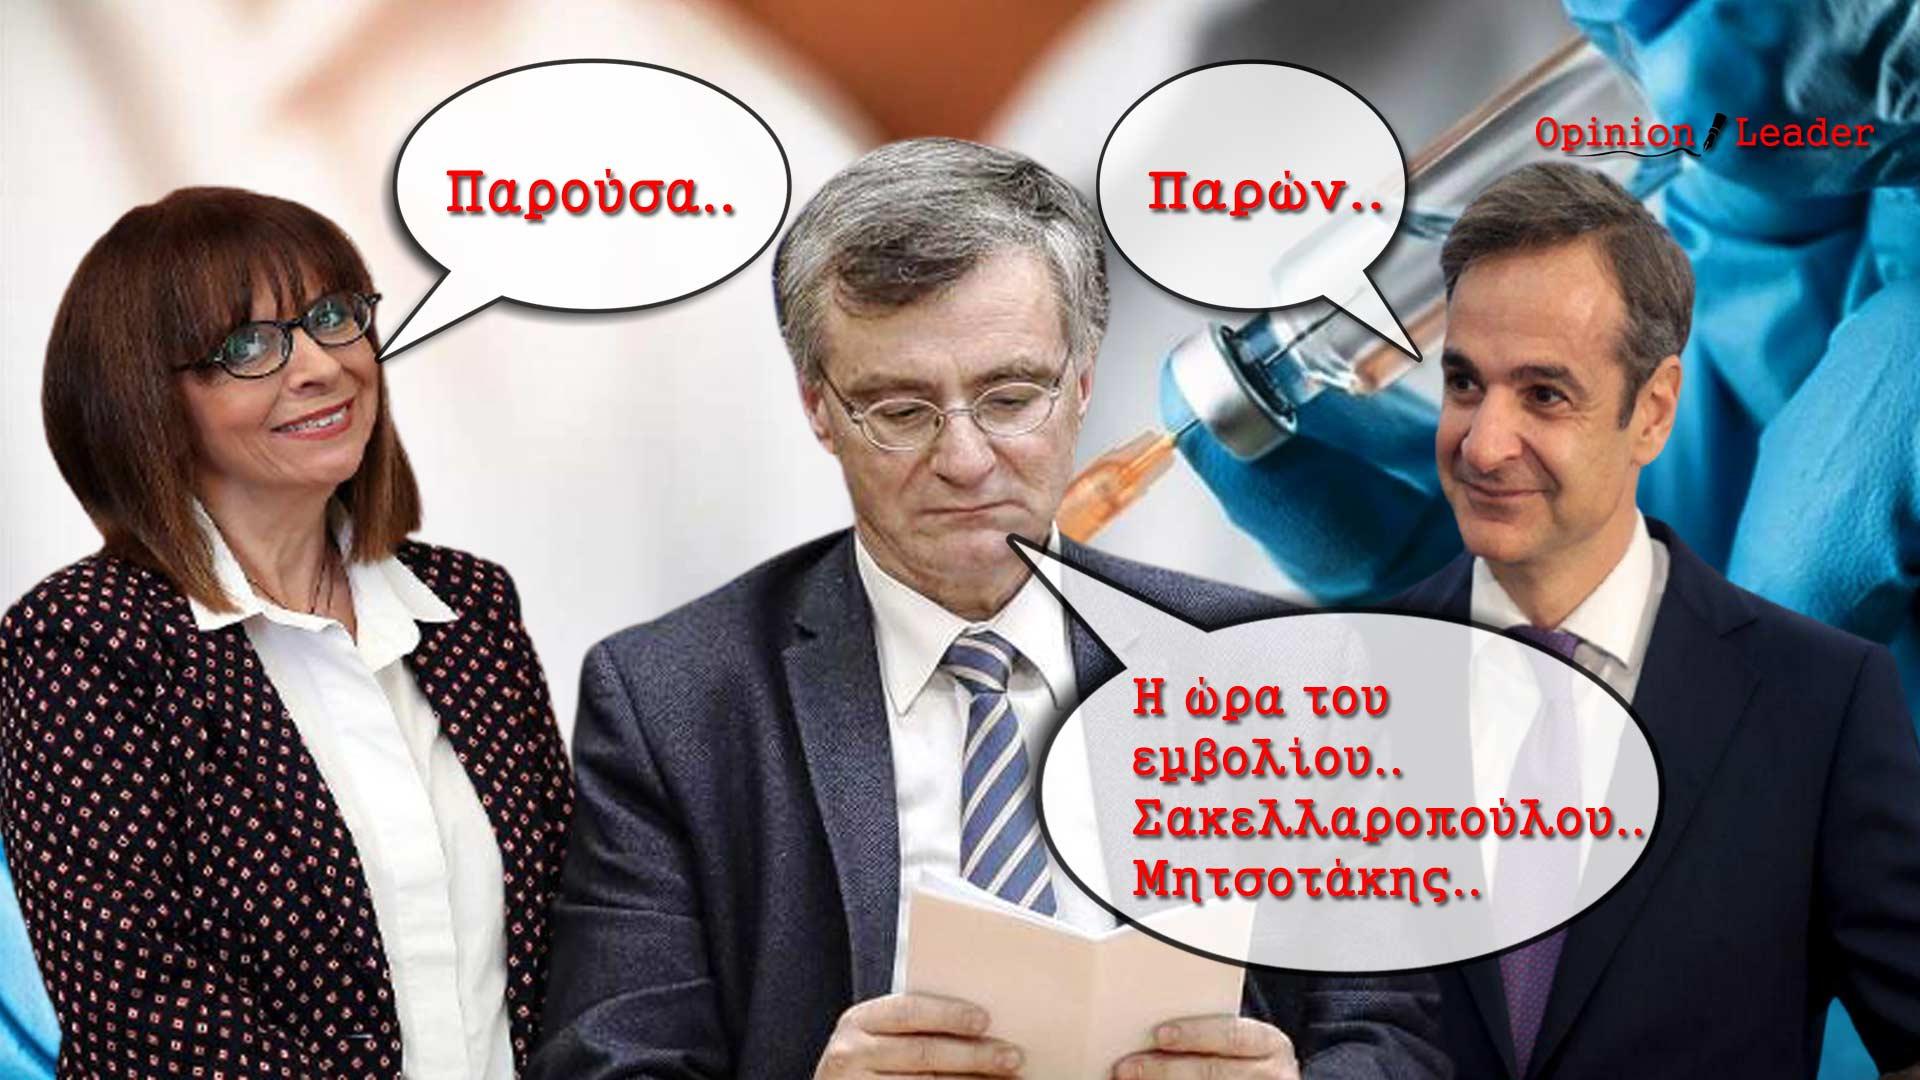 Εμβόλιο - Σακελλαροπούλου - Τσιόδρας - Μητσοτάκης